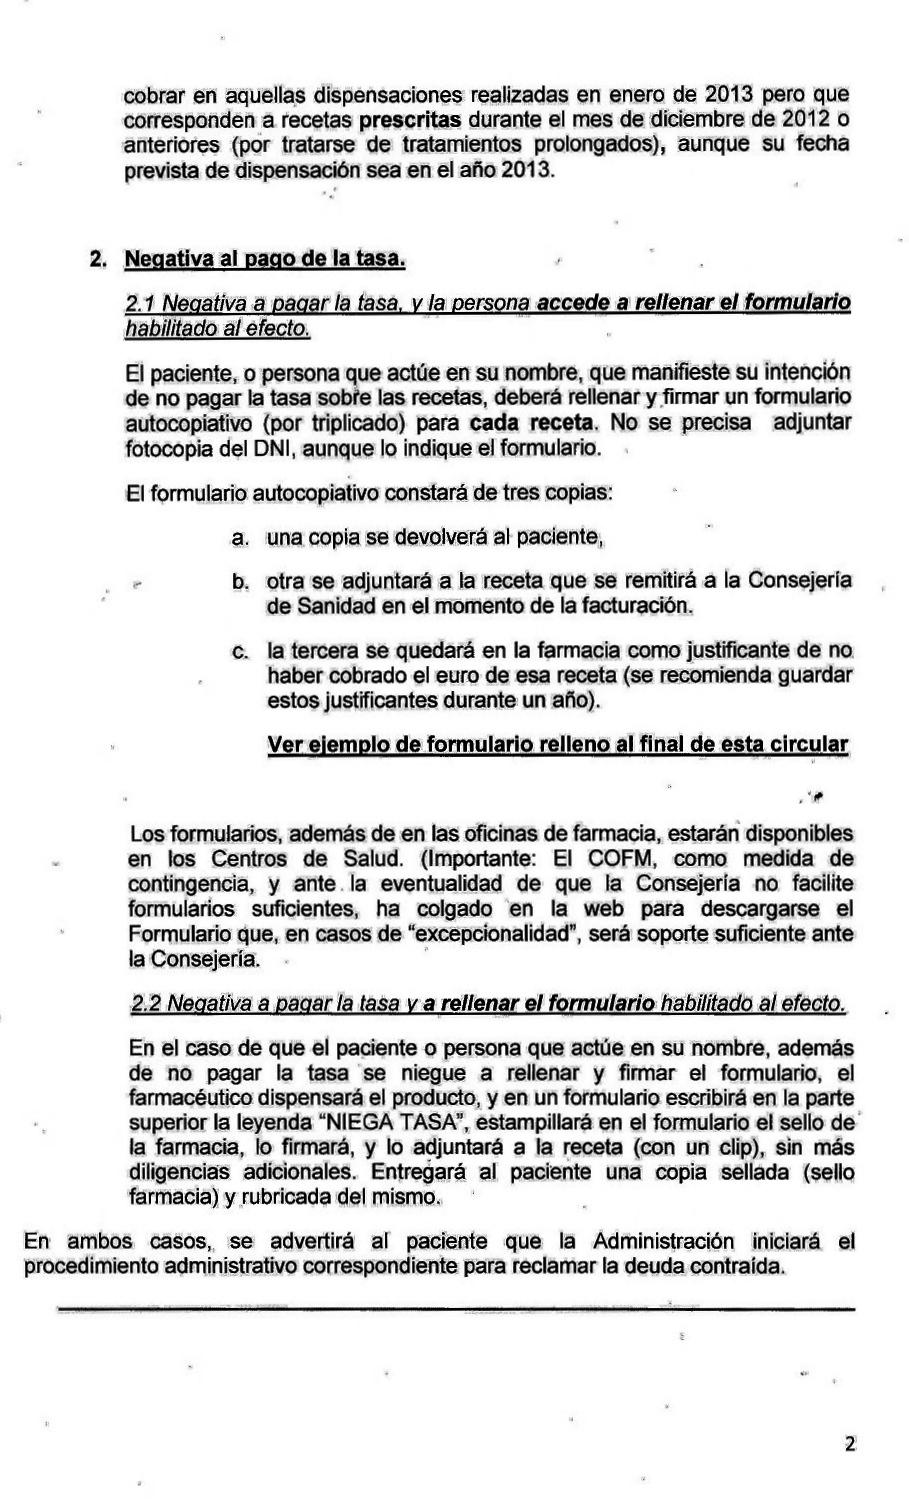 COLEGIO FAMACEUTICOS 001 (2)